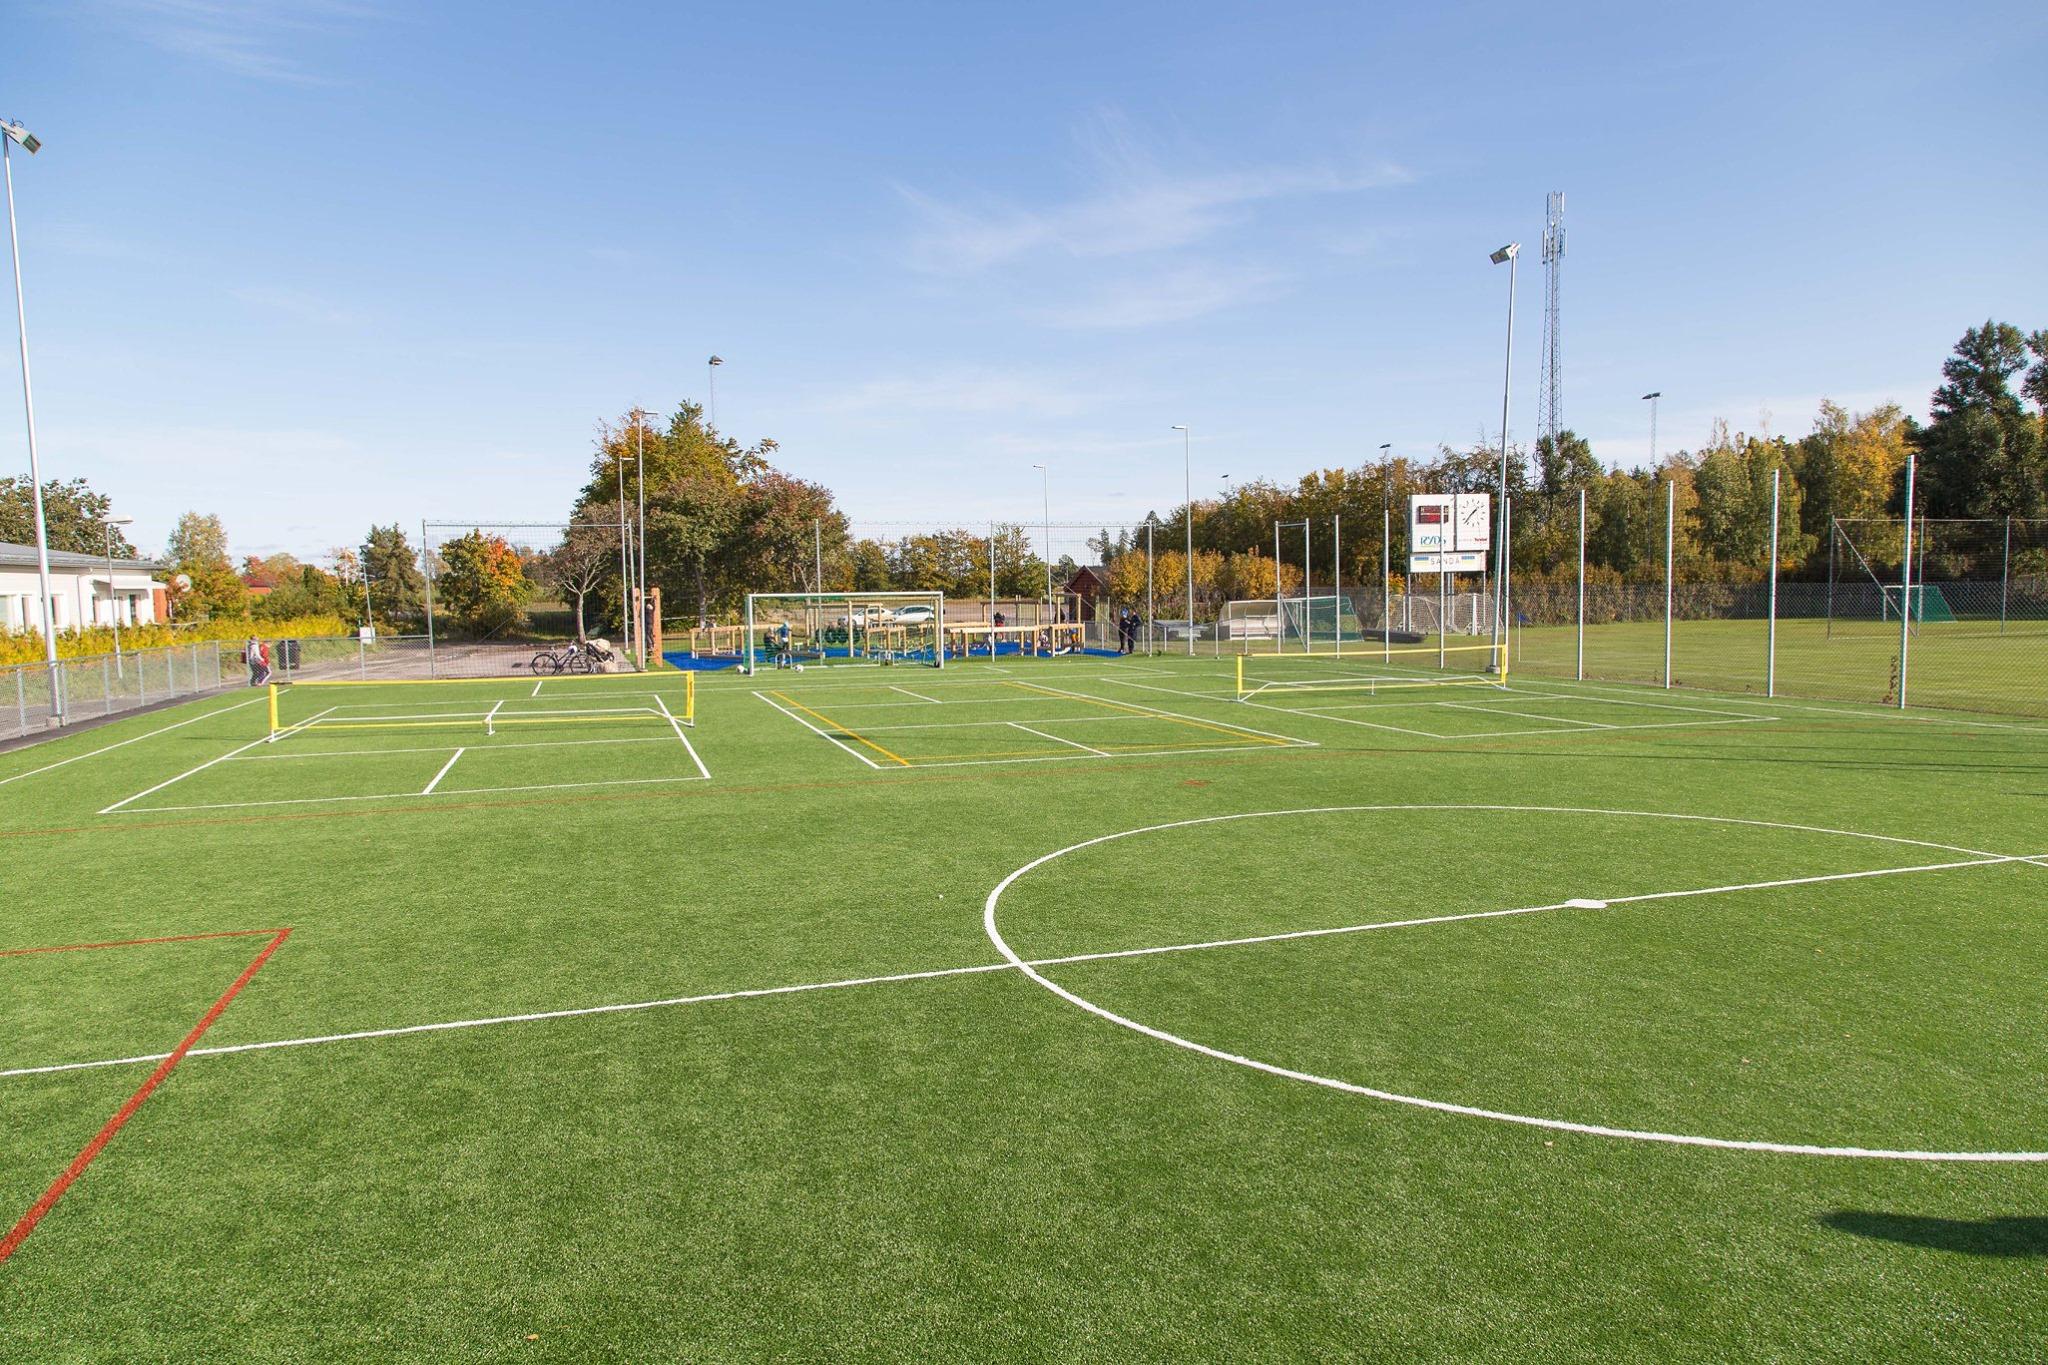 konstgräs multisportunderlag från unisport